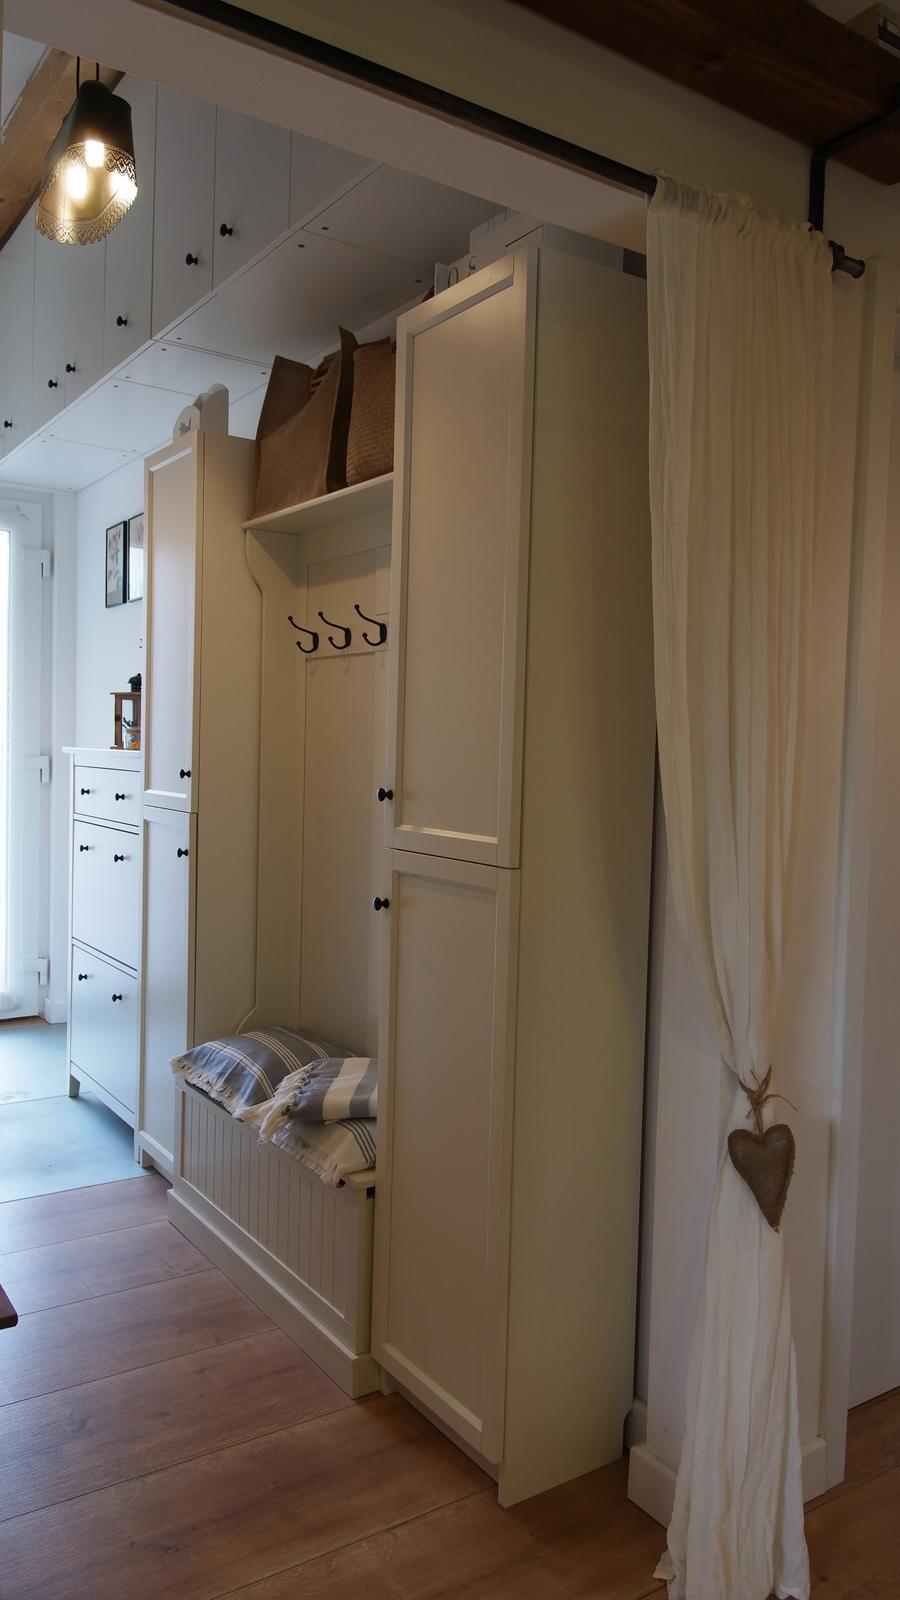 Náš domček ♡ Bramasole ♡ ... Stilo interiér aj exteriér 3. rok bývania - Obrázok č. 50